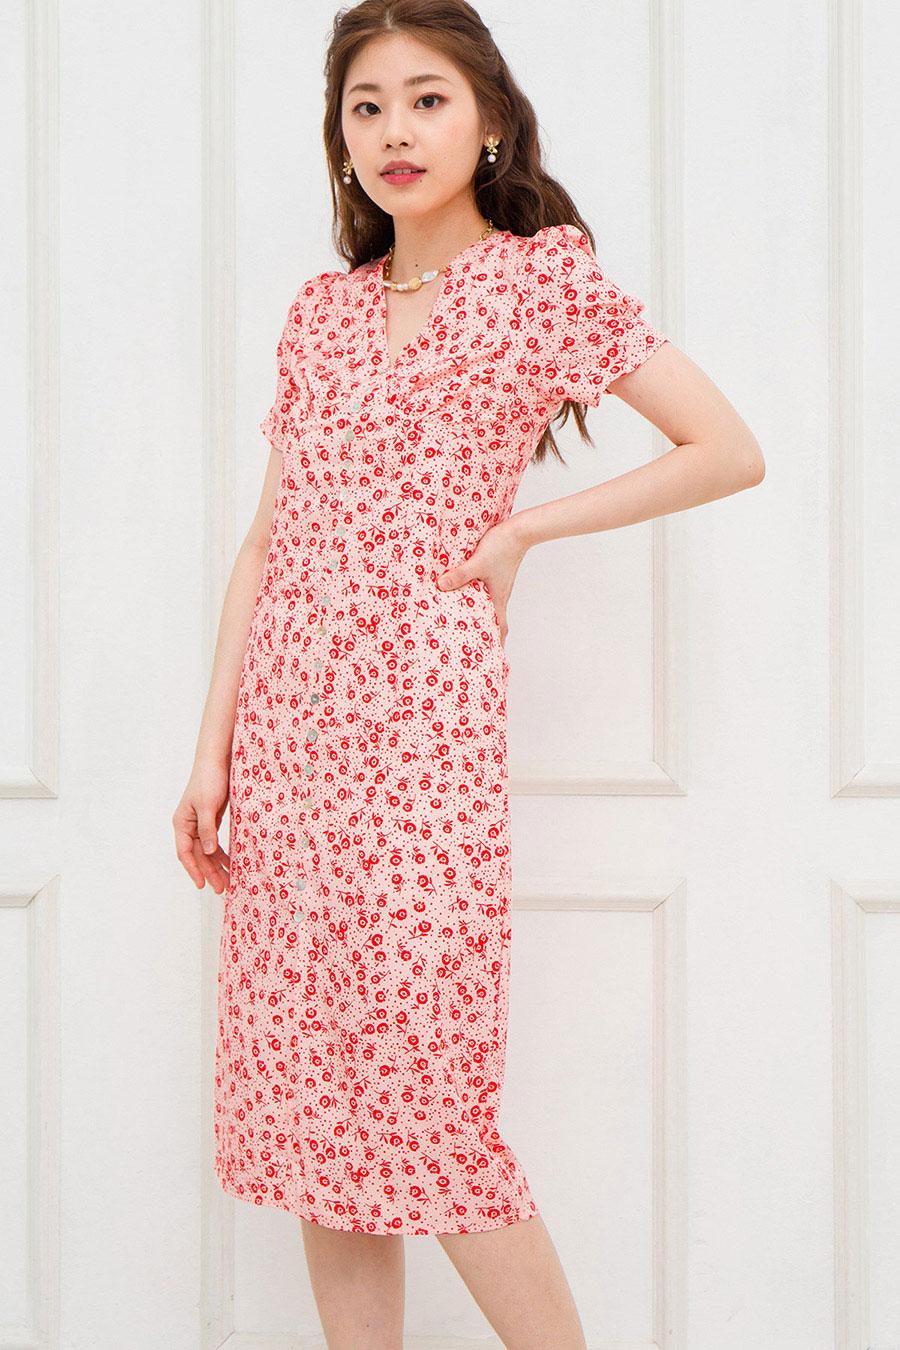 MARLOWE DRESS - SORBET FLEUR